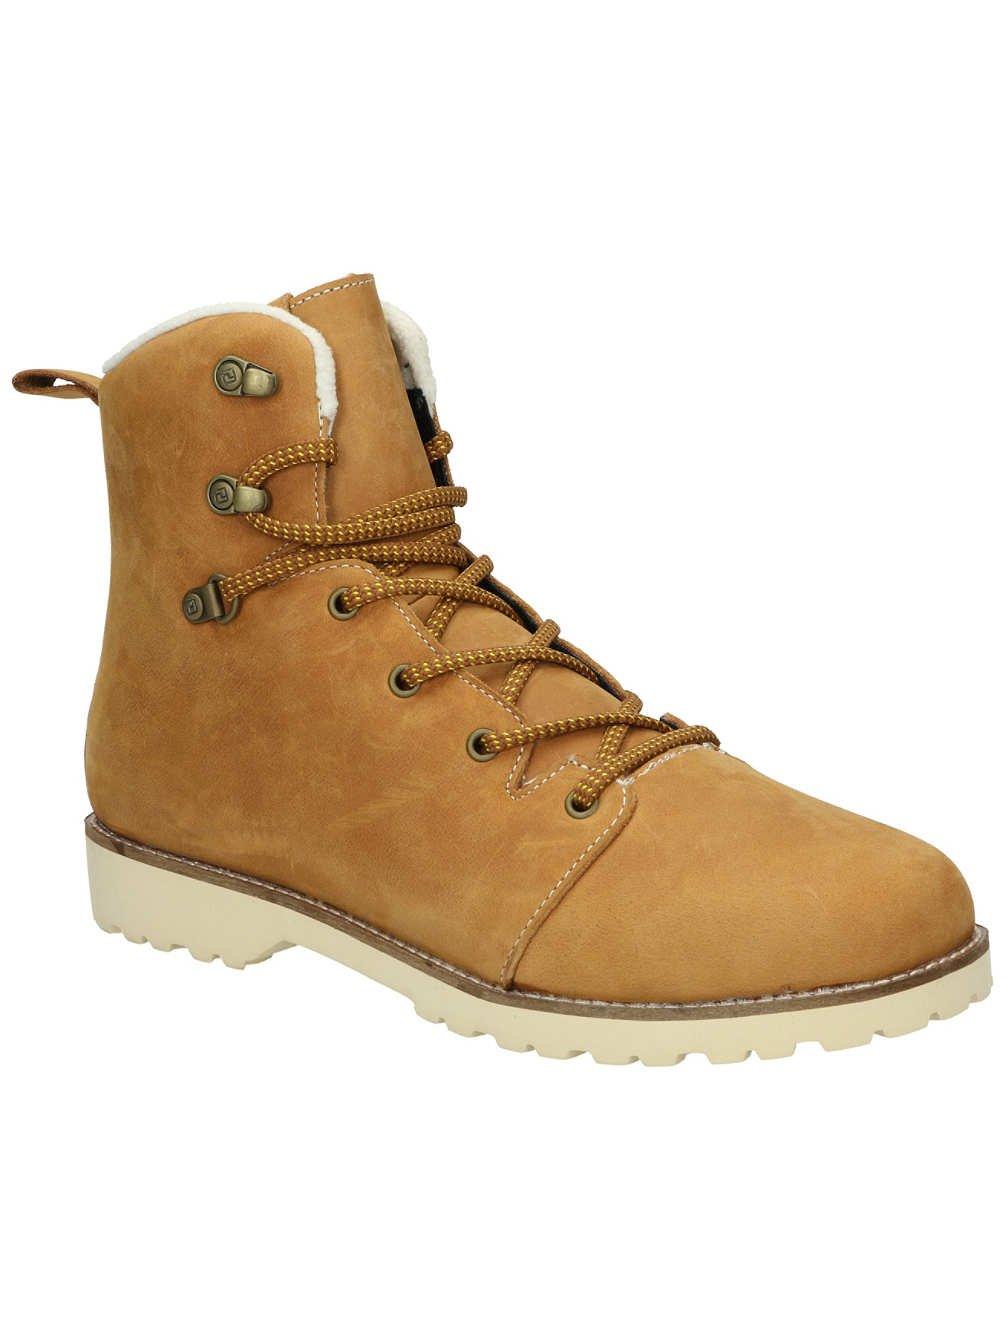 DeeLuxe - Náuticos para hombre 9.0|hash/sesam Zapatos de moda en línea Obtenga el mejor descuento de venta caliente-Descuento más grande